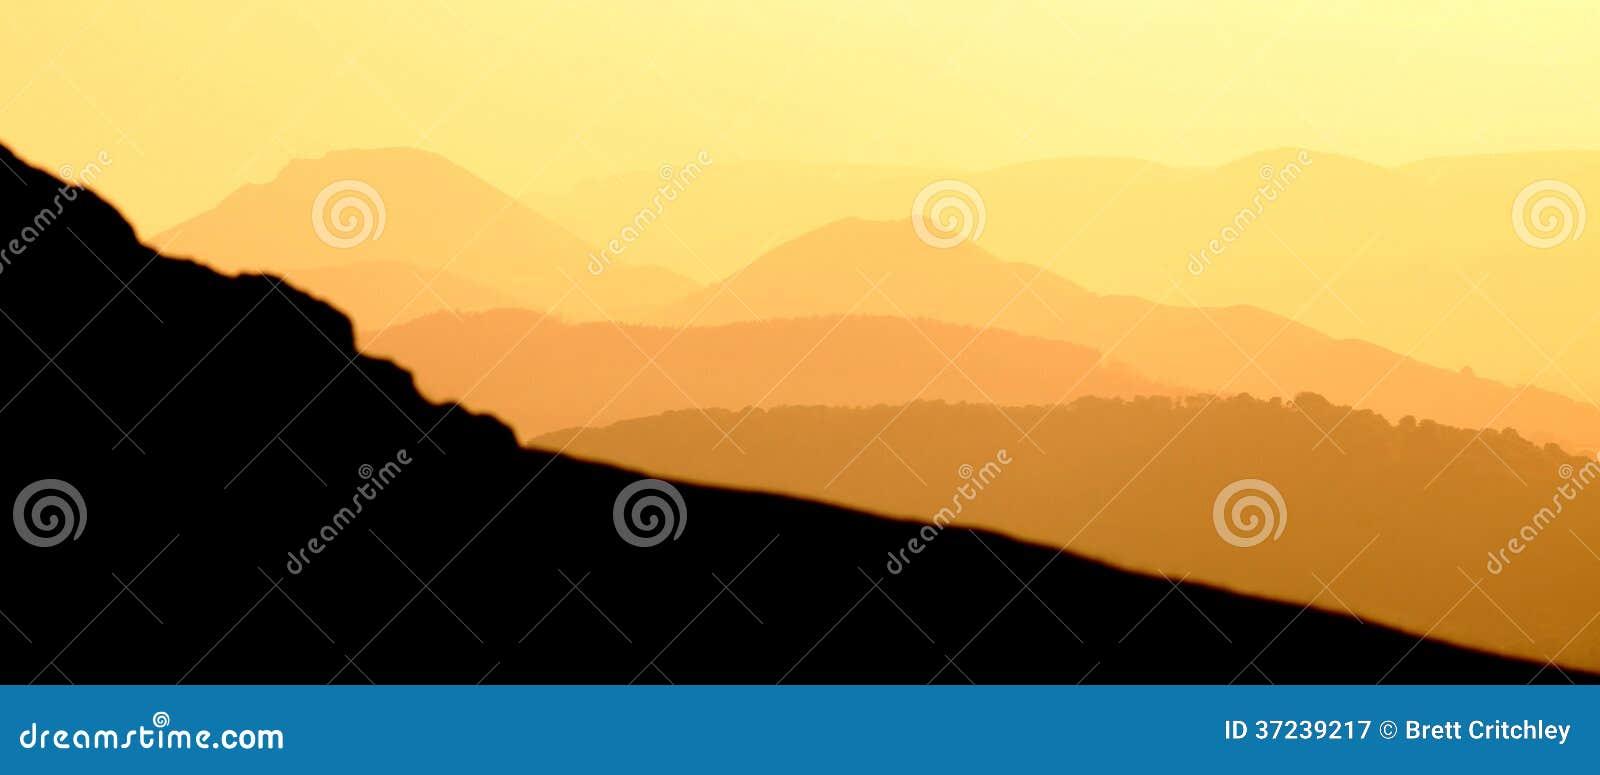 Bandera de oro de las montañas